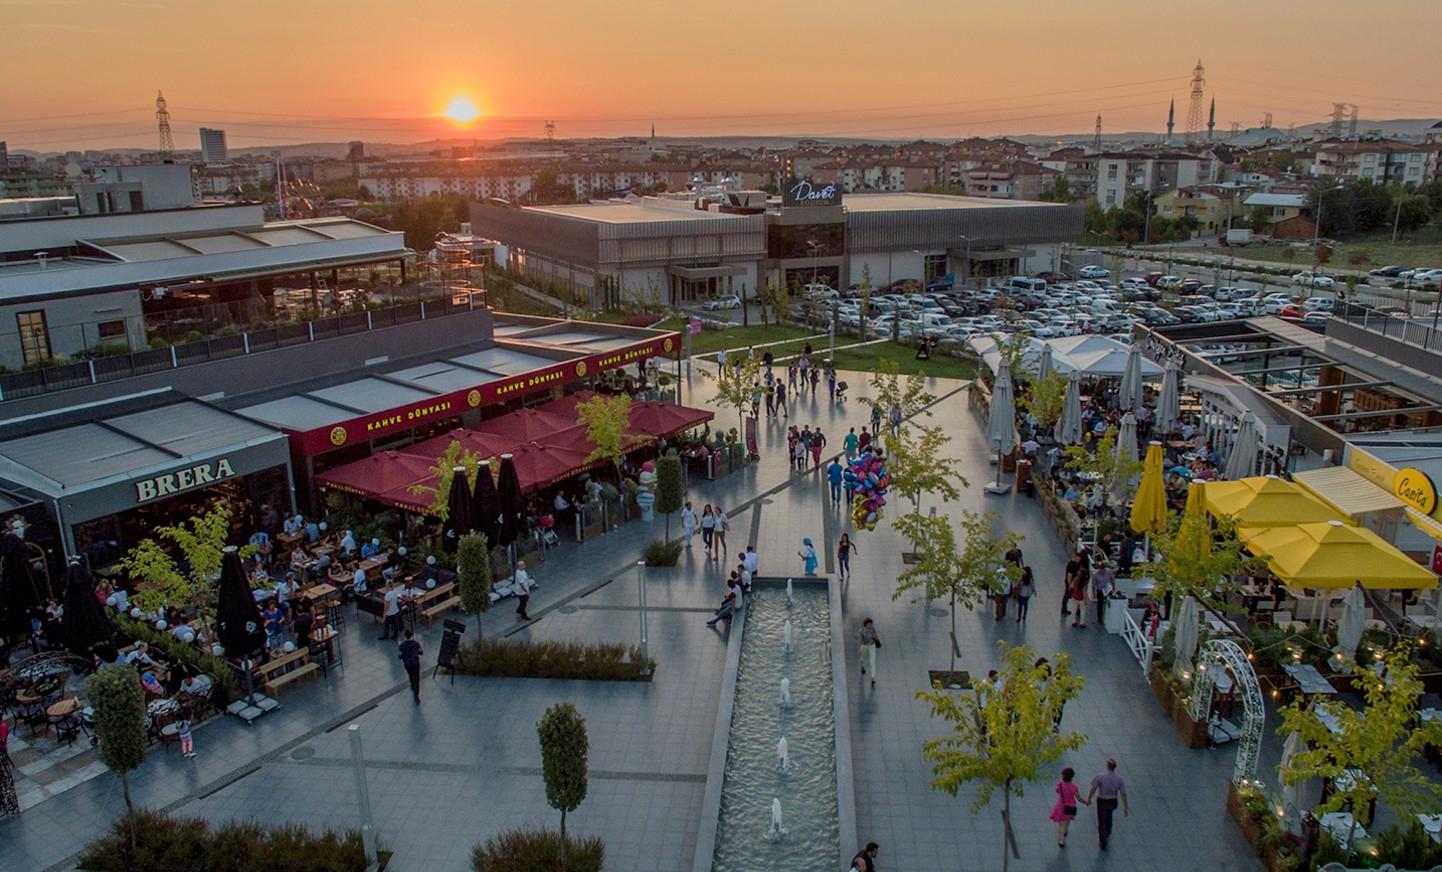 تركيا بورصه اهم الاماكن السياحيه بوديوم بارك